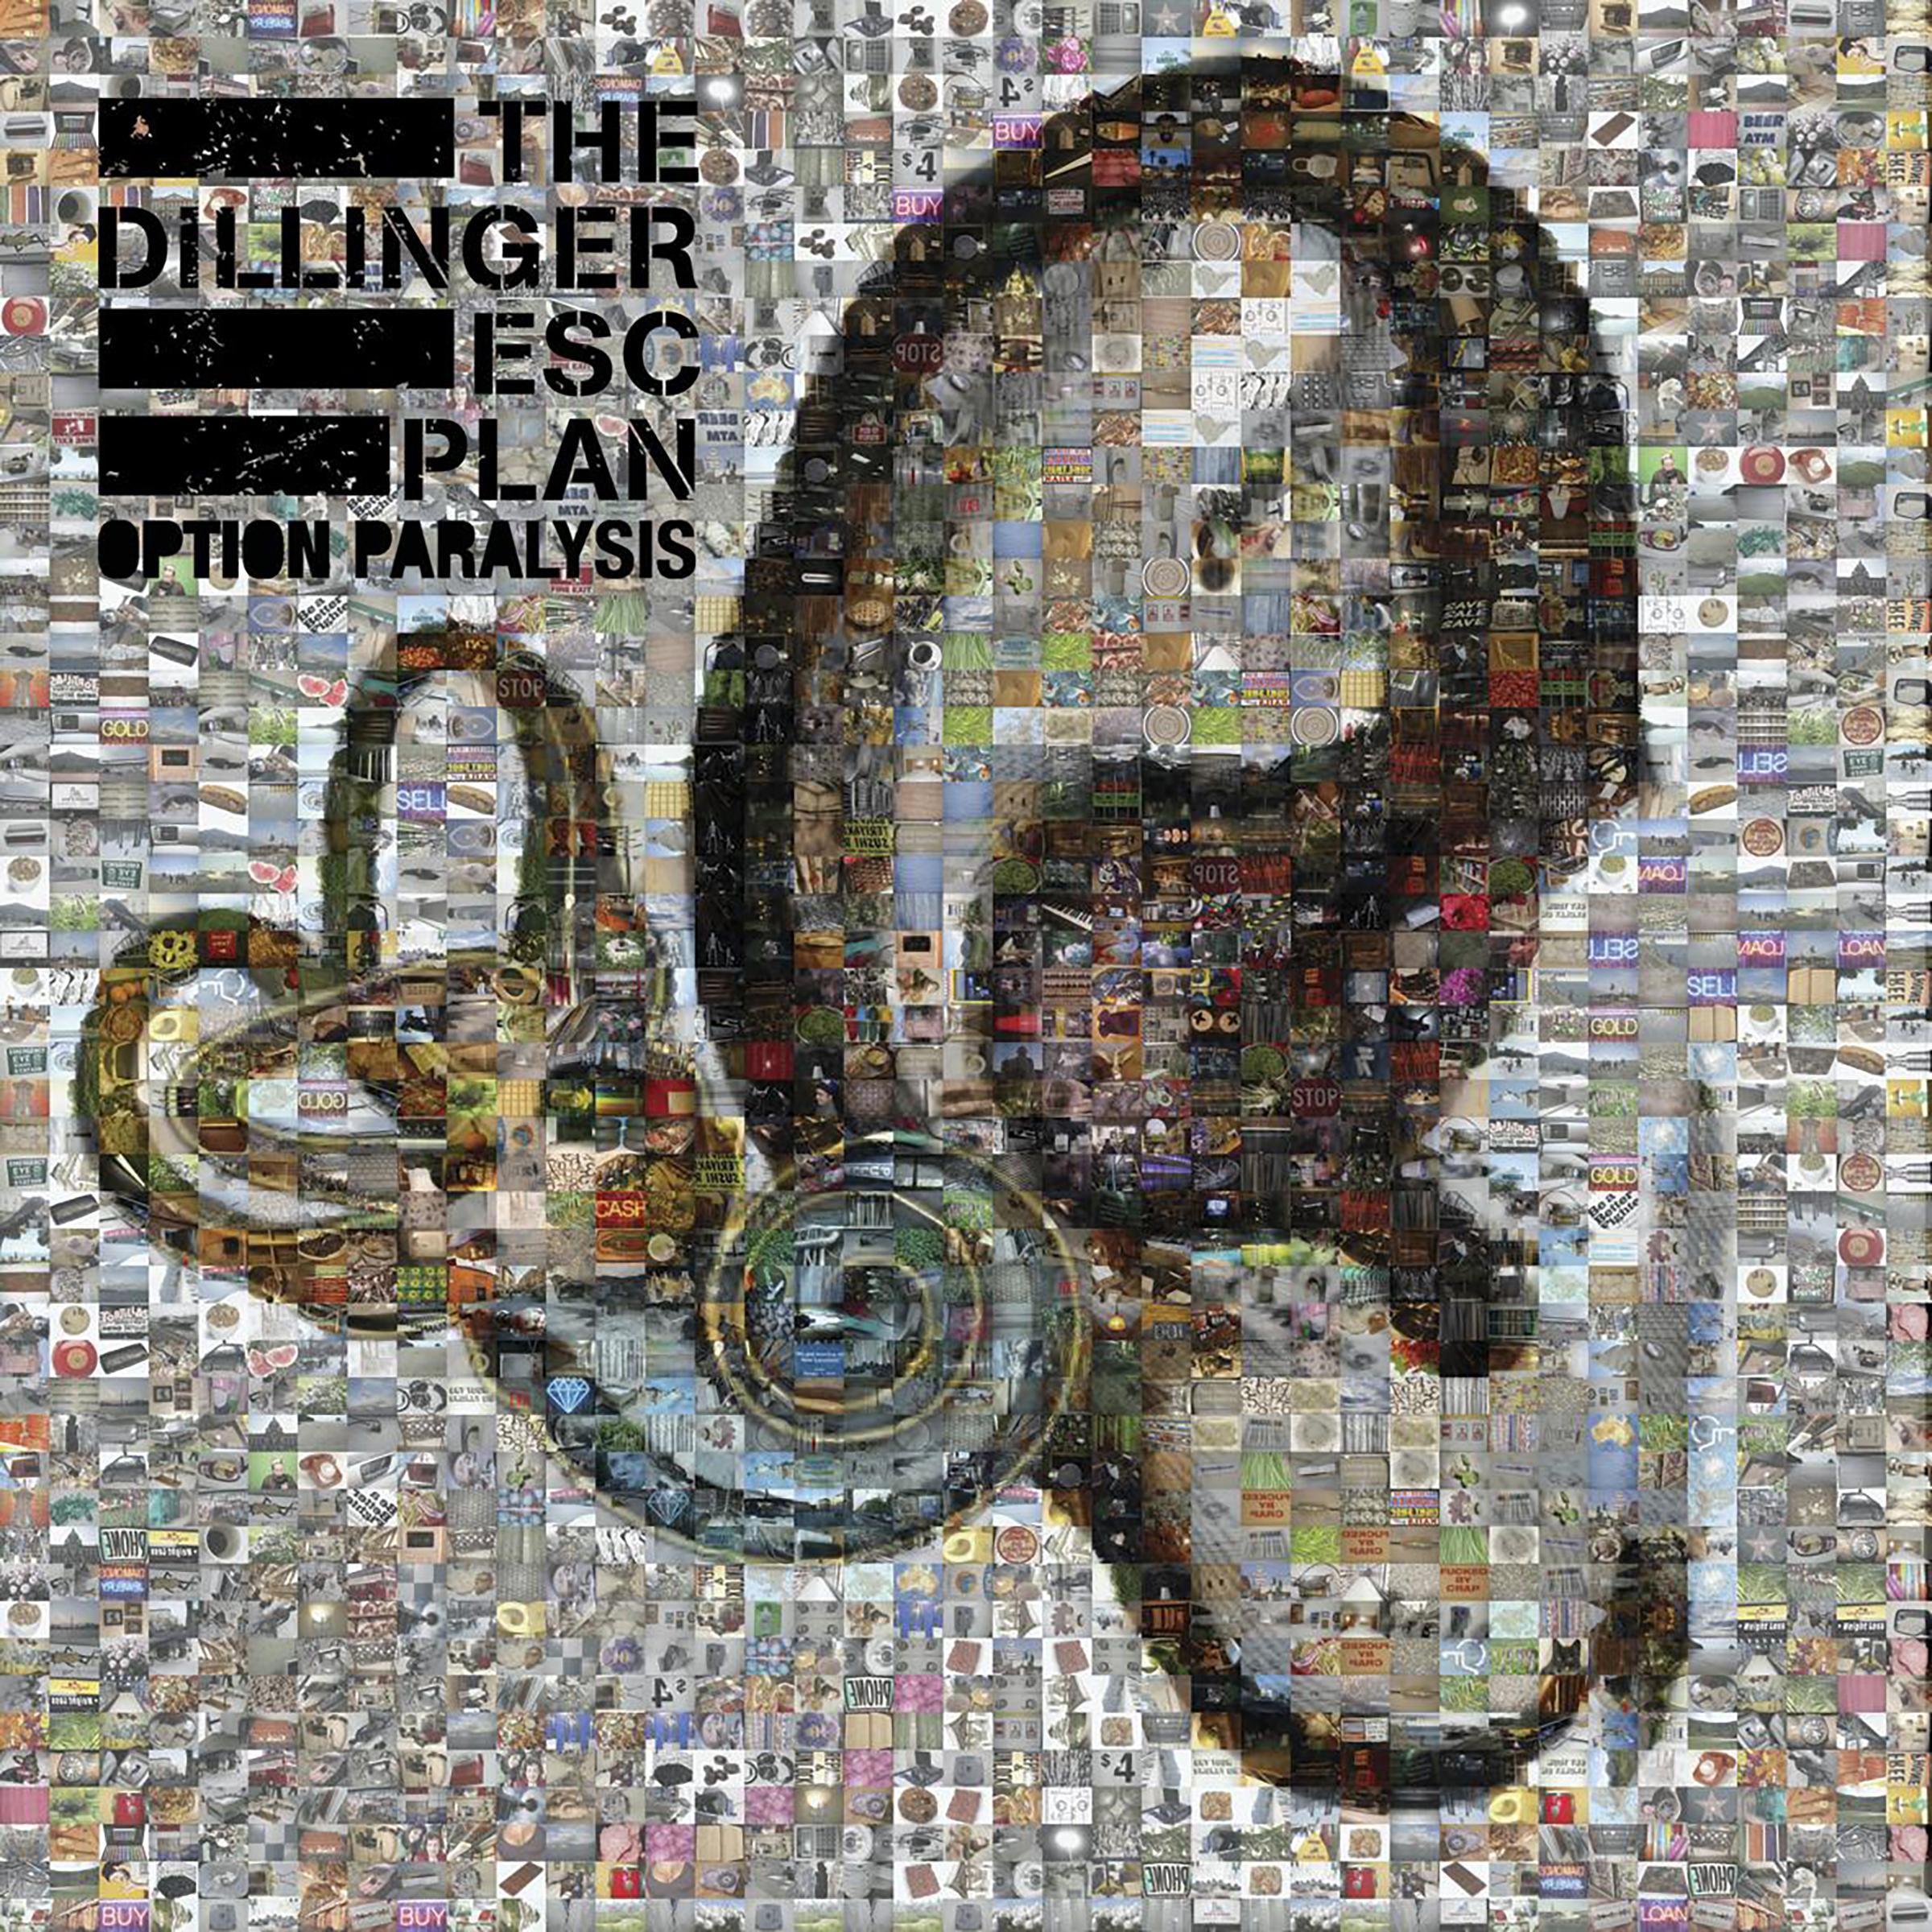 The Dillinger Escape Plan - Option Paralysis album cover